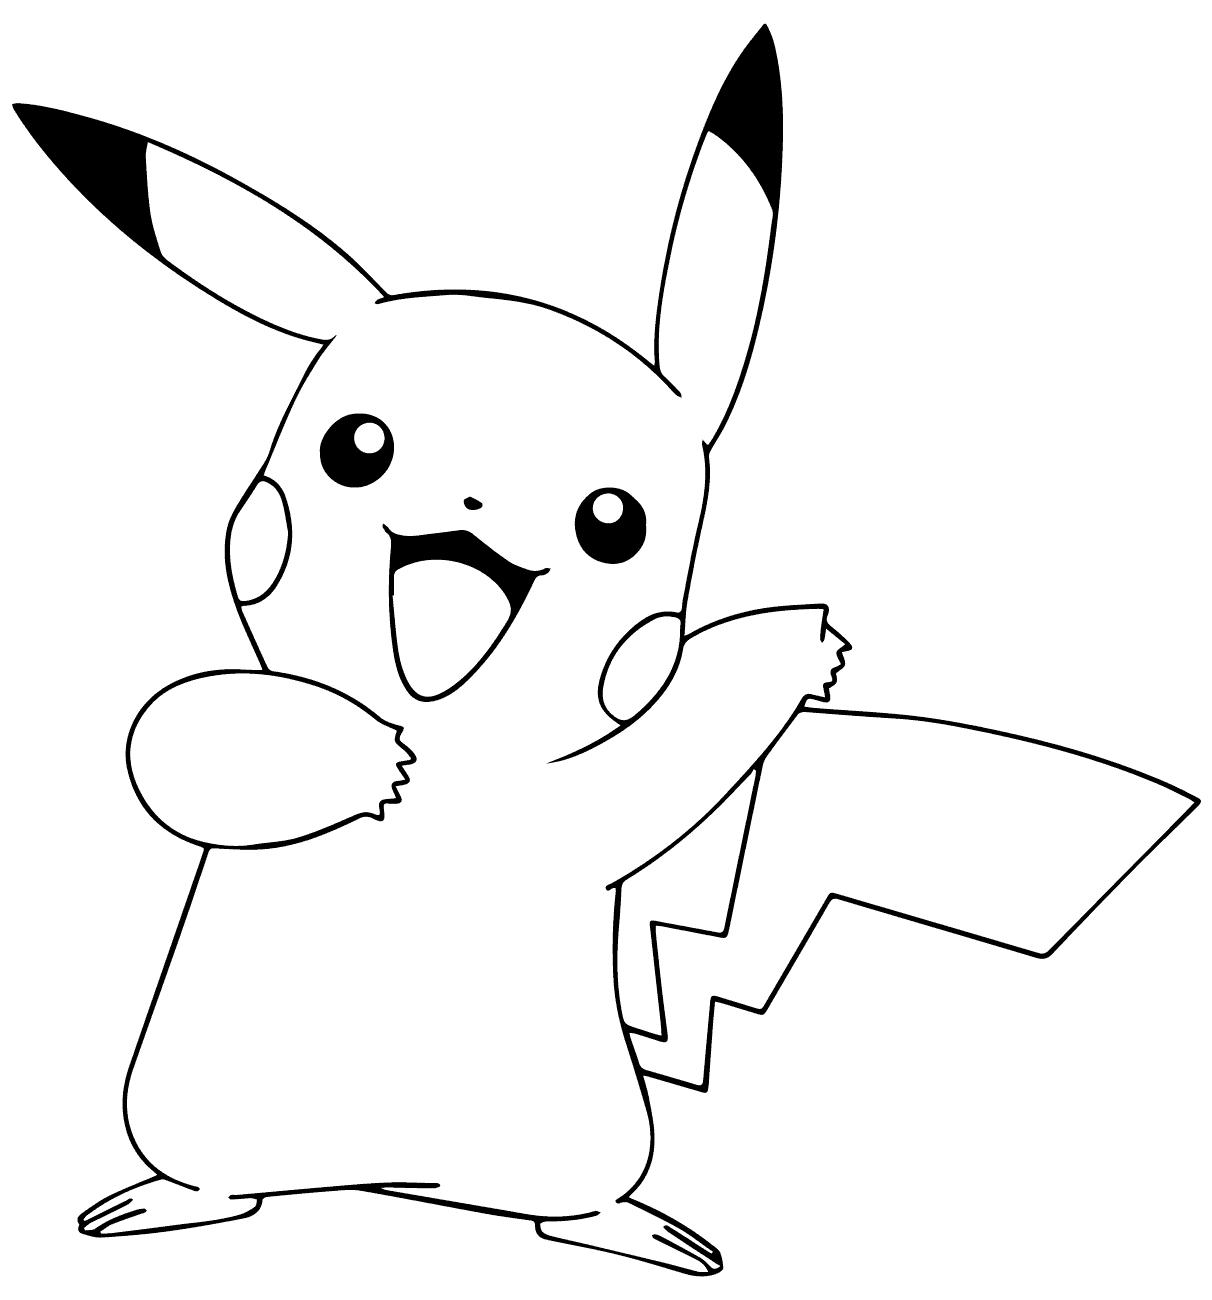 Tranh tô màu Pokemon vui vẻ